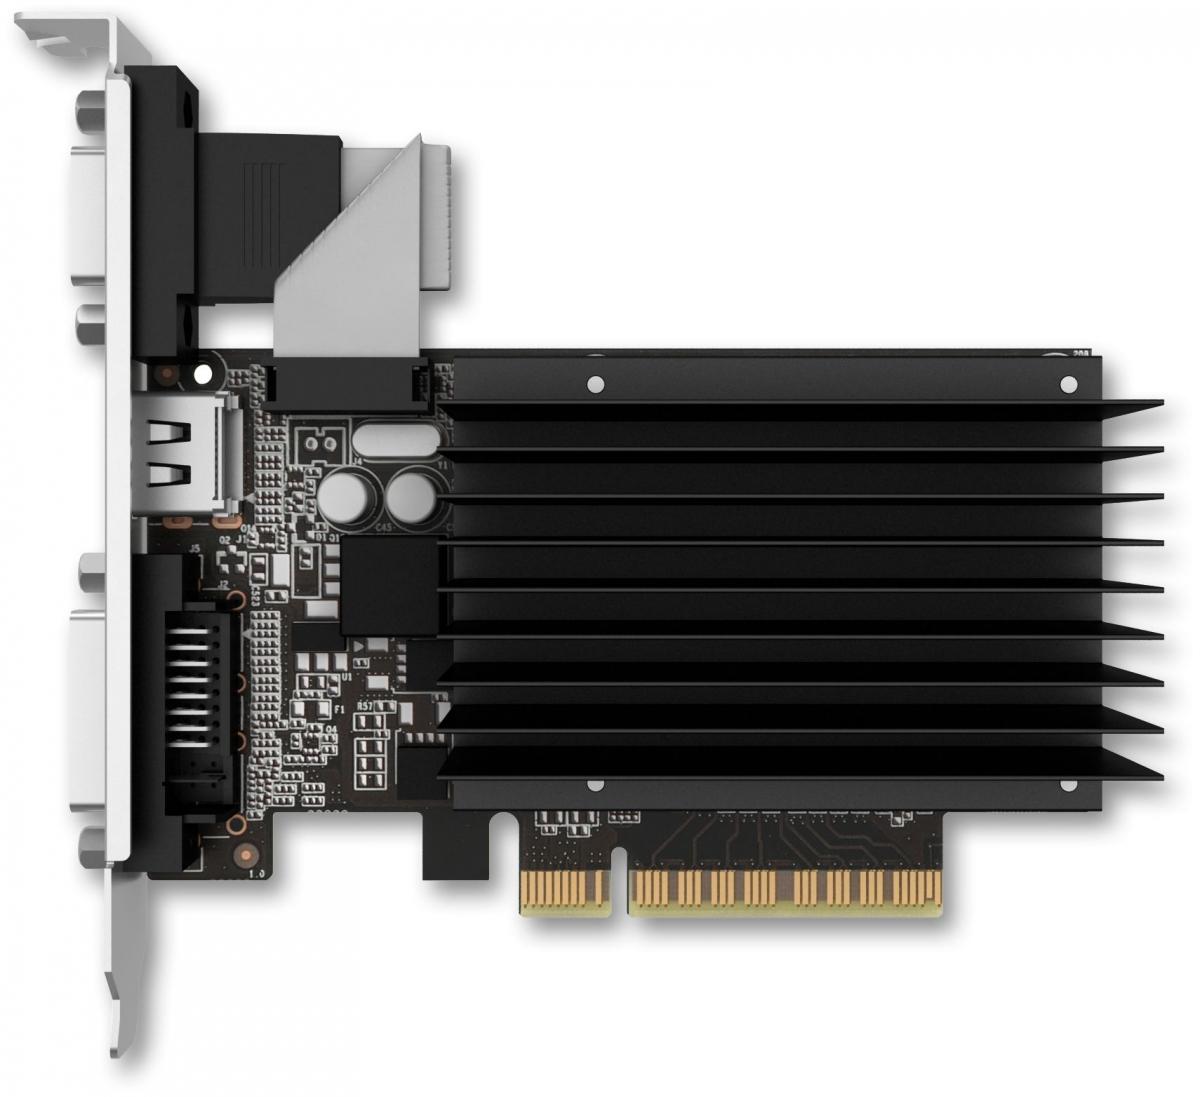 ვიდეო დაფა PALIT NVIDIA GEFORCE GT 730 2GB GDDR3 (NEAT7300HD46-2080H)